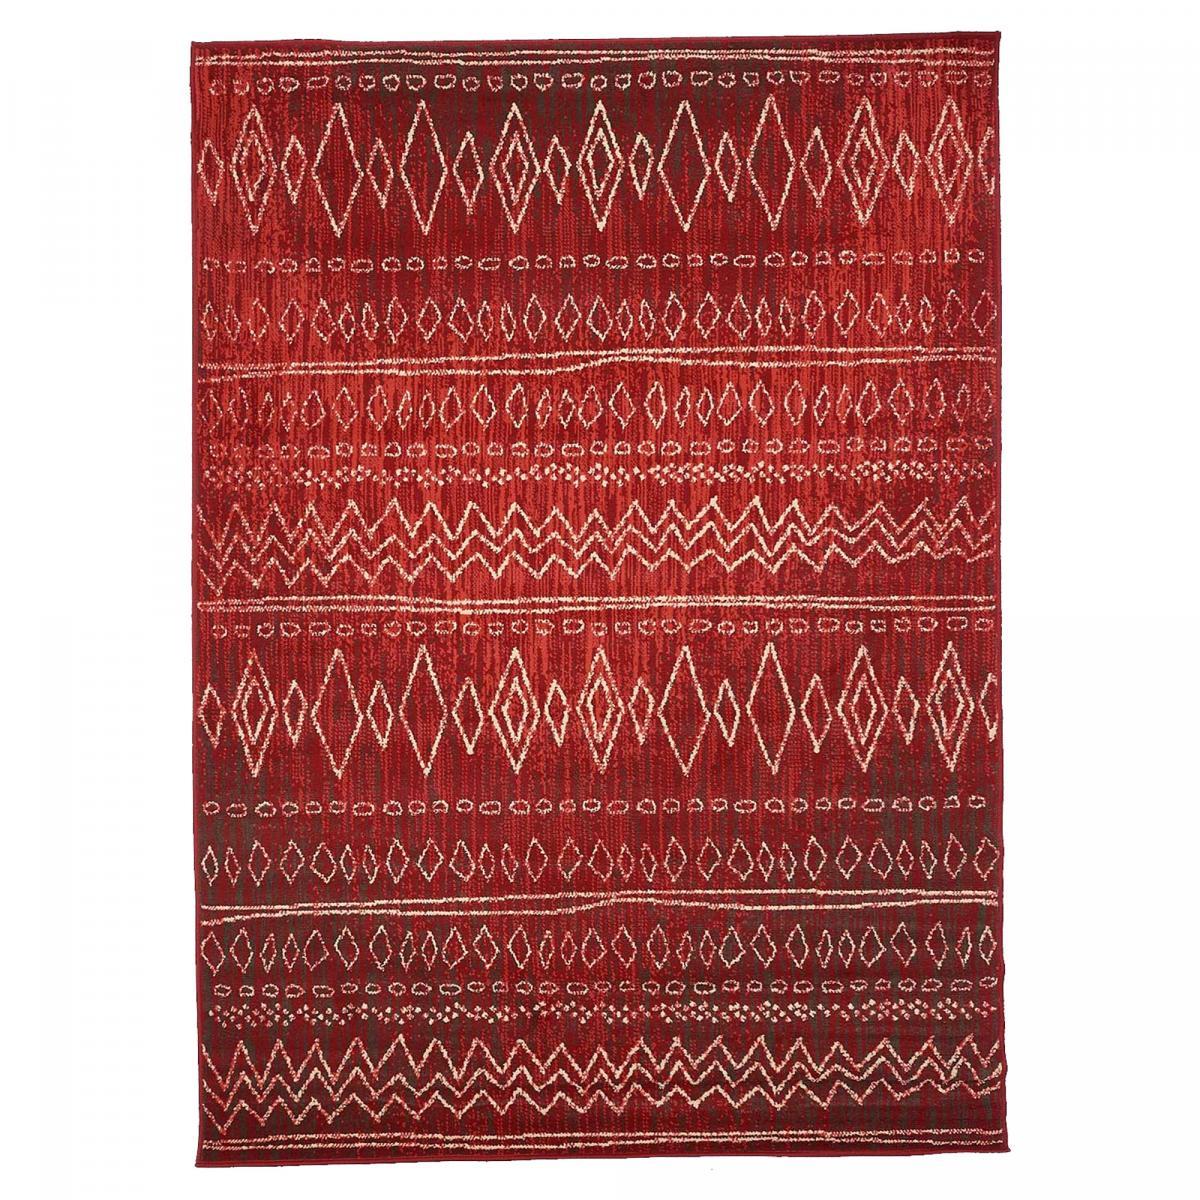 Tapis berbère style en polypropylène rouge 160x225